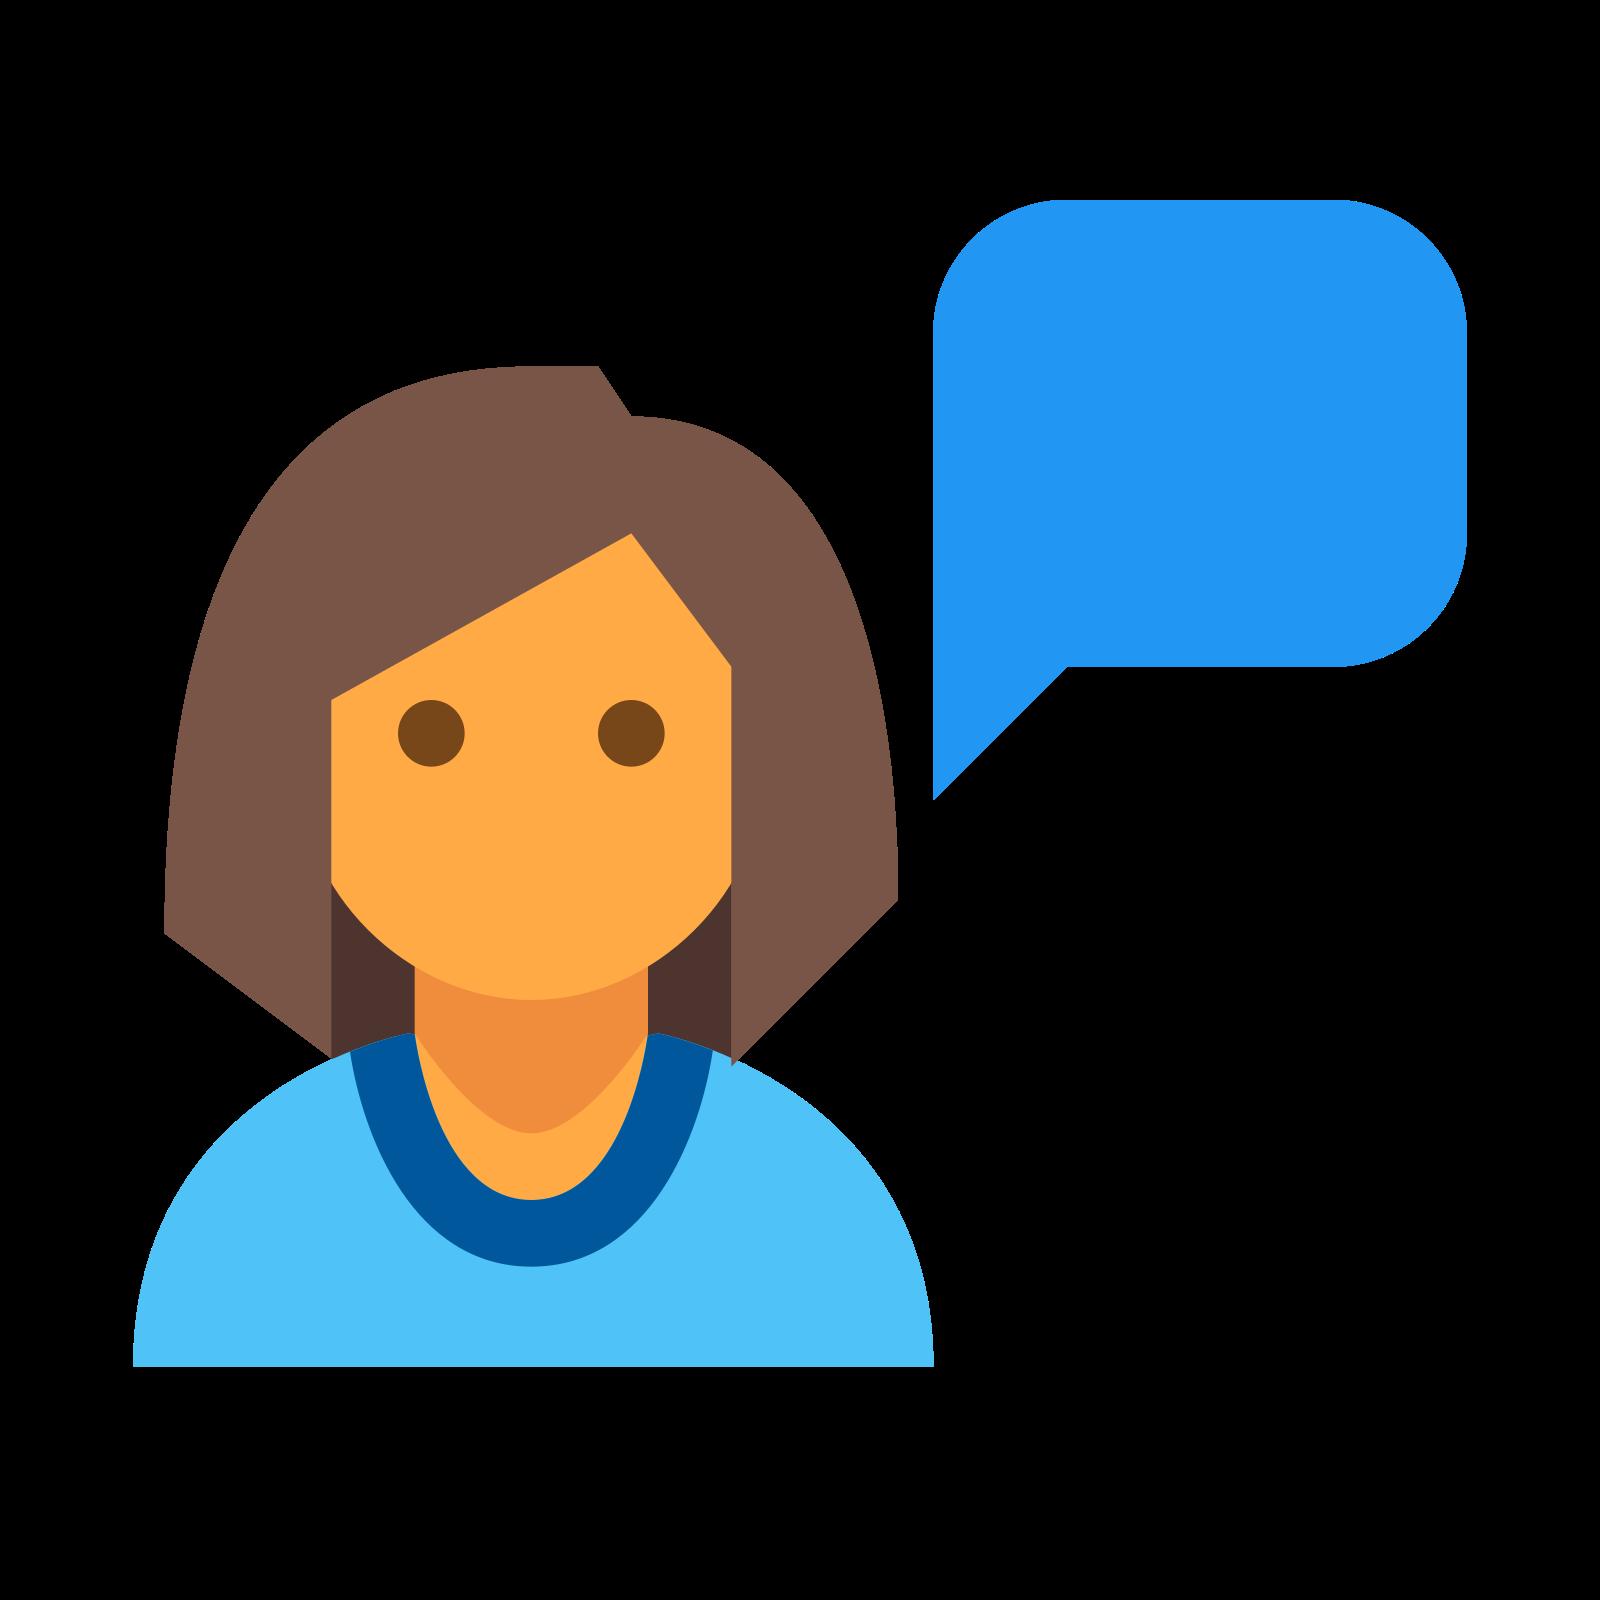 Женский разговор icon